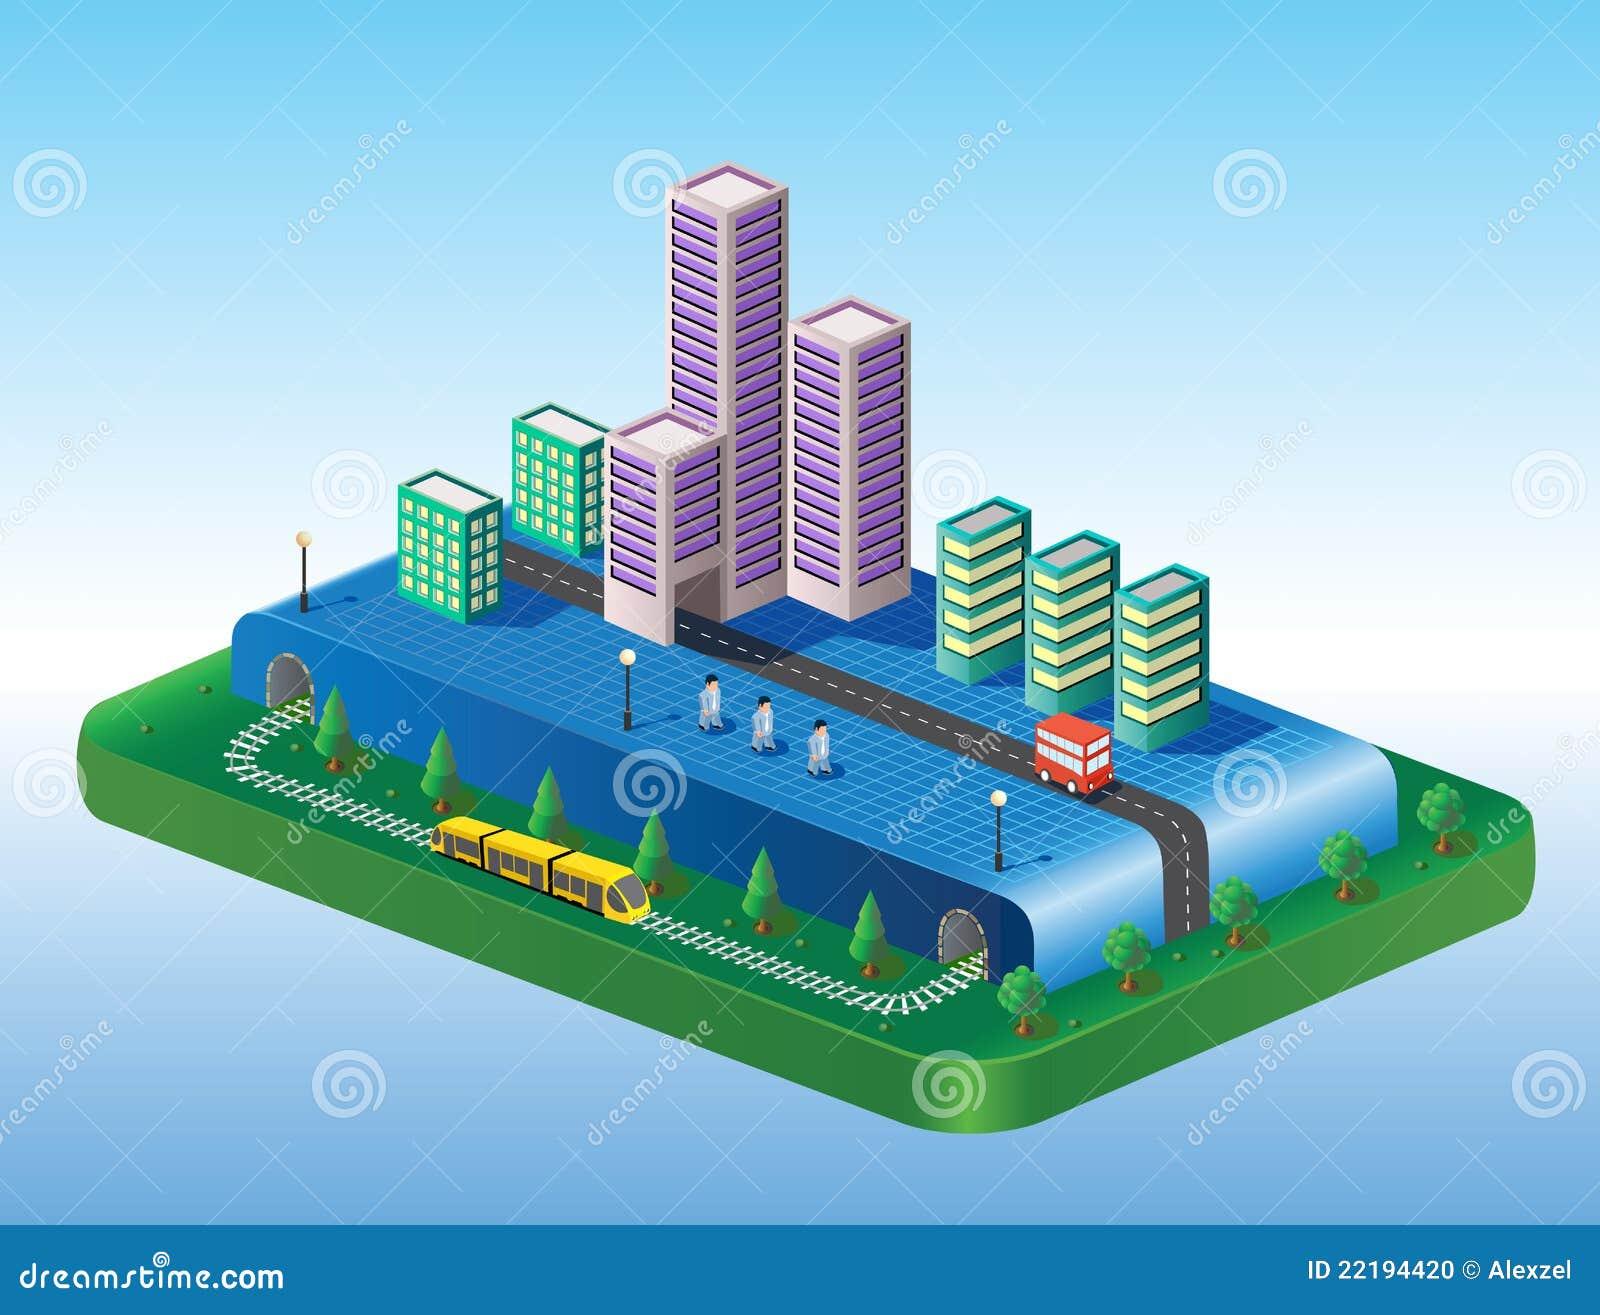 Vista isometrica della città